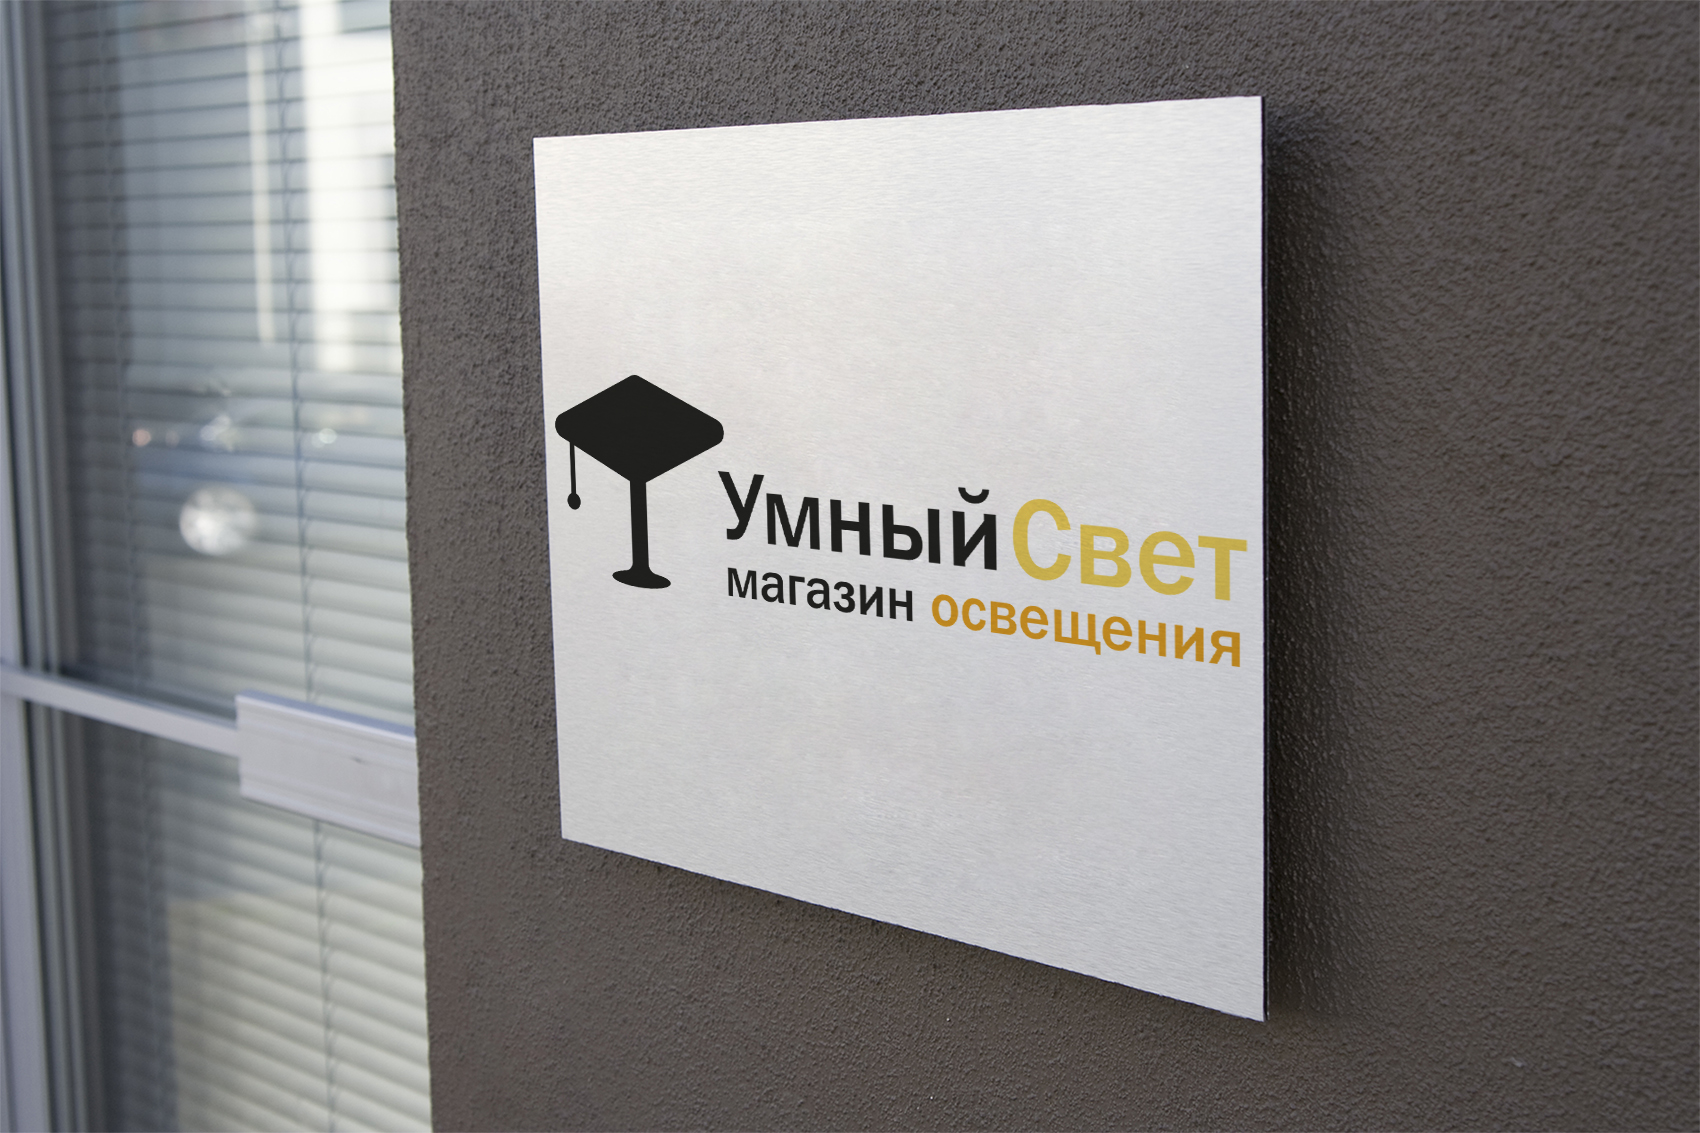 Логотип для салон-магазина освещения фото f_7975cfe536b8f0c9.jpg